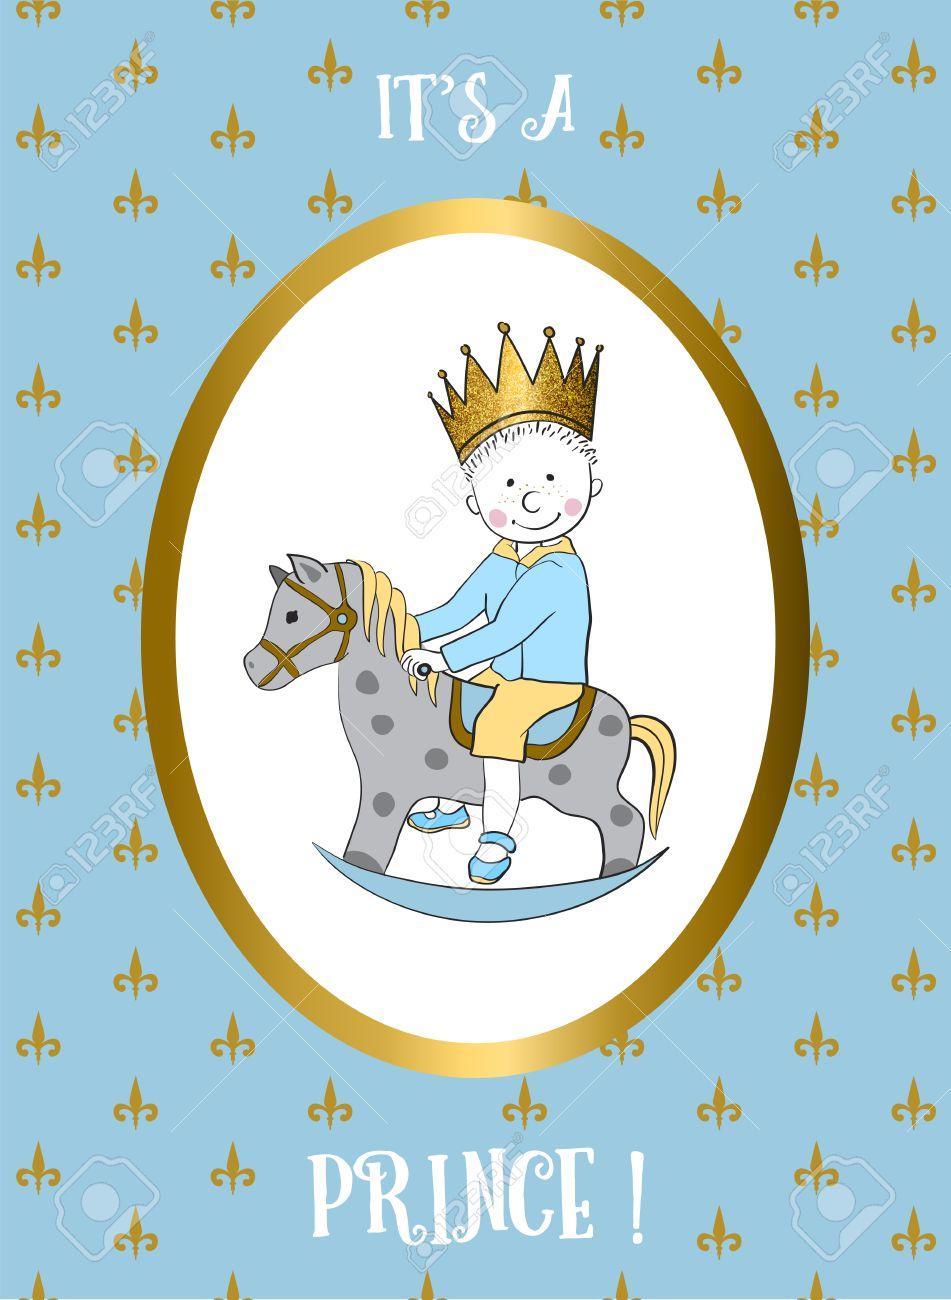 Es Un Niño Con Tarjeta De Pequeño Montar A Caballo De Oscilación Príncipe Invitación De La Ducha Del Bebé Tarjeta De Felicitación Para El Primer Año